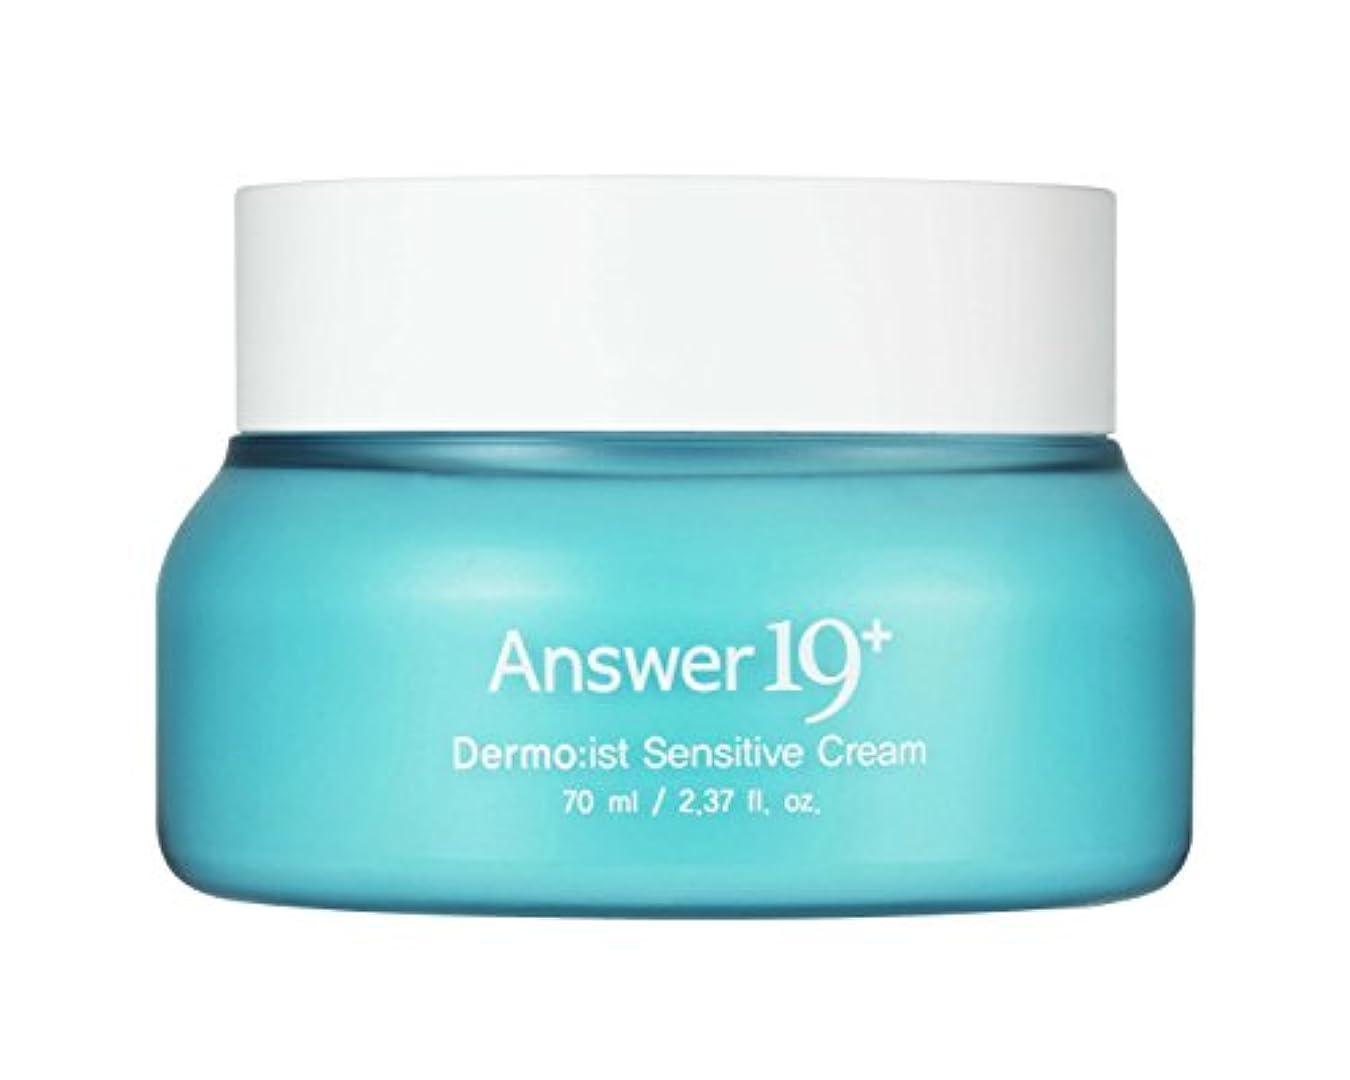 蓋テスト視聴者[ANSWER NINETEEN +] 感受性クリーム - 敏感肌のための深いモイスチャライジング、鎮静効果。 天然スーパーフード成分、パンテノール(ビタミンB5)、ベータグルカン、ヒアルロン酸、70ml